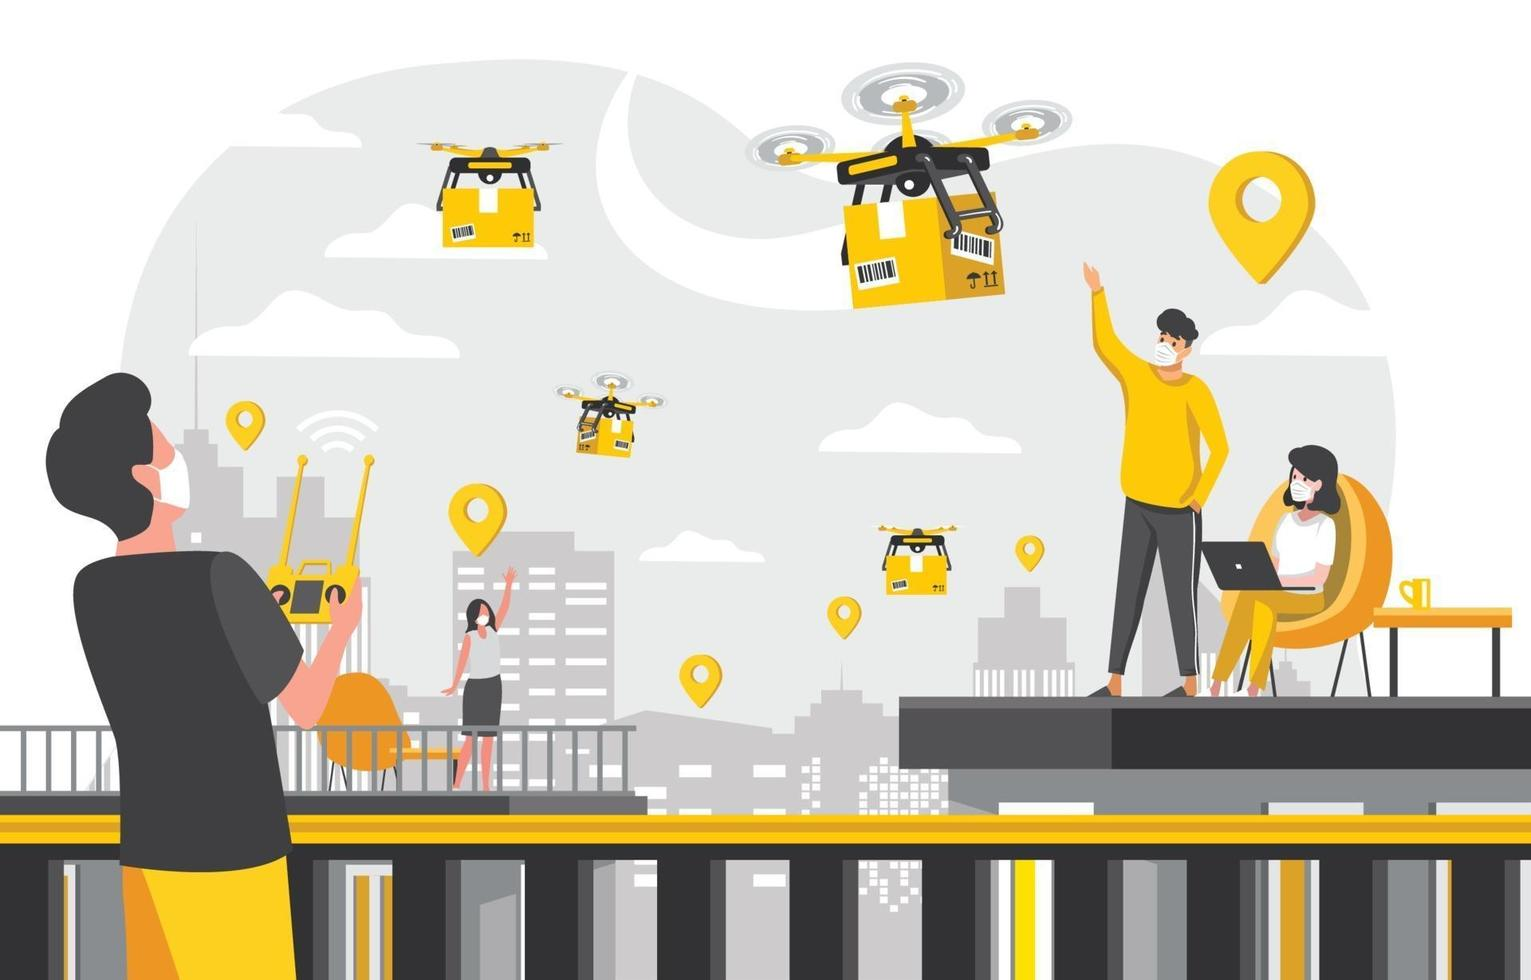 consegna senza contatto untact con il concetto di drone vettore